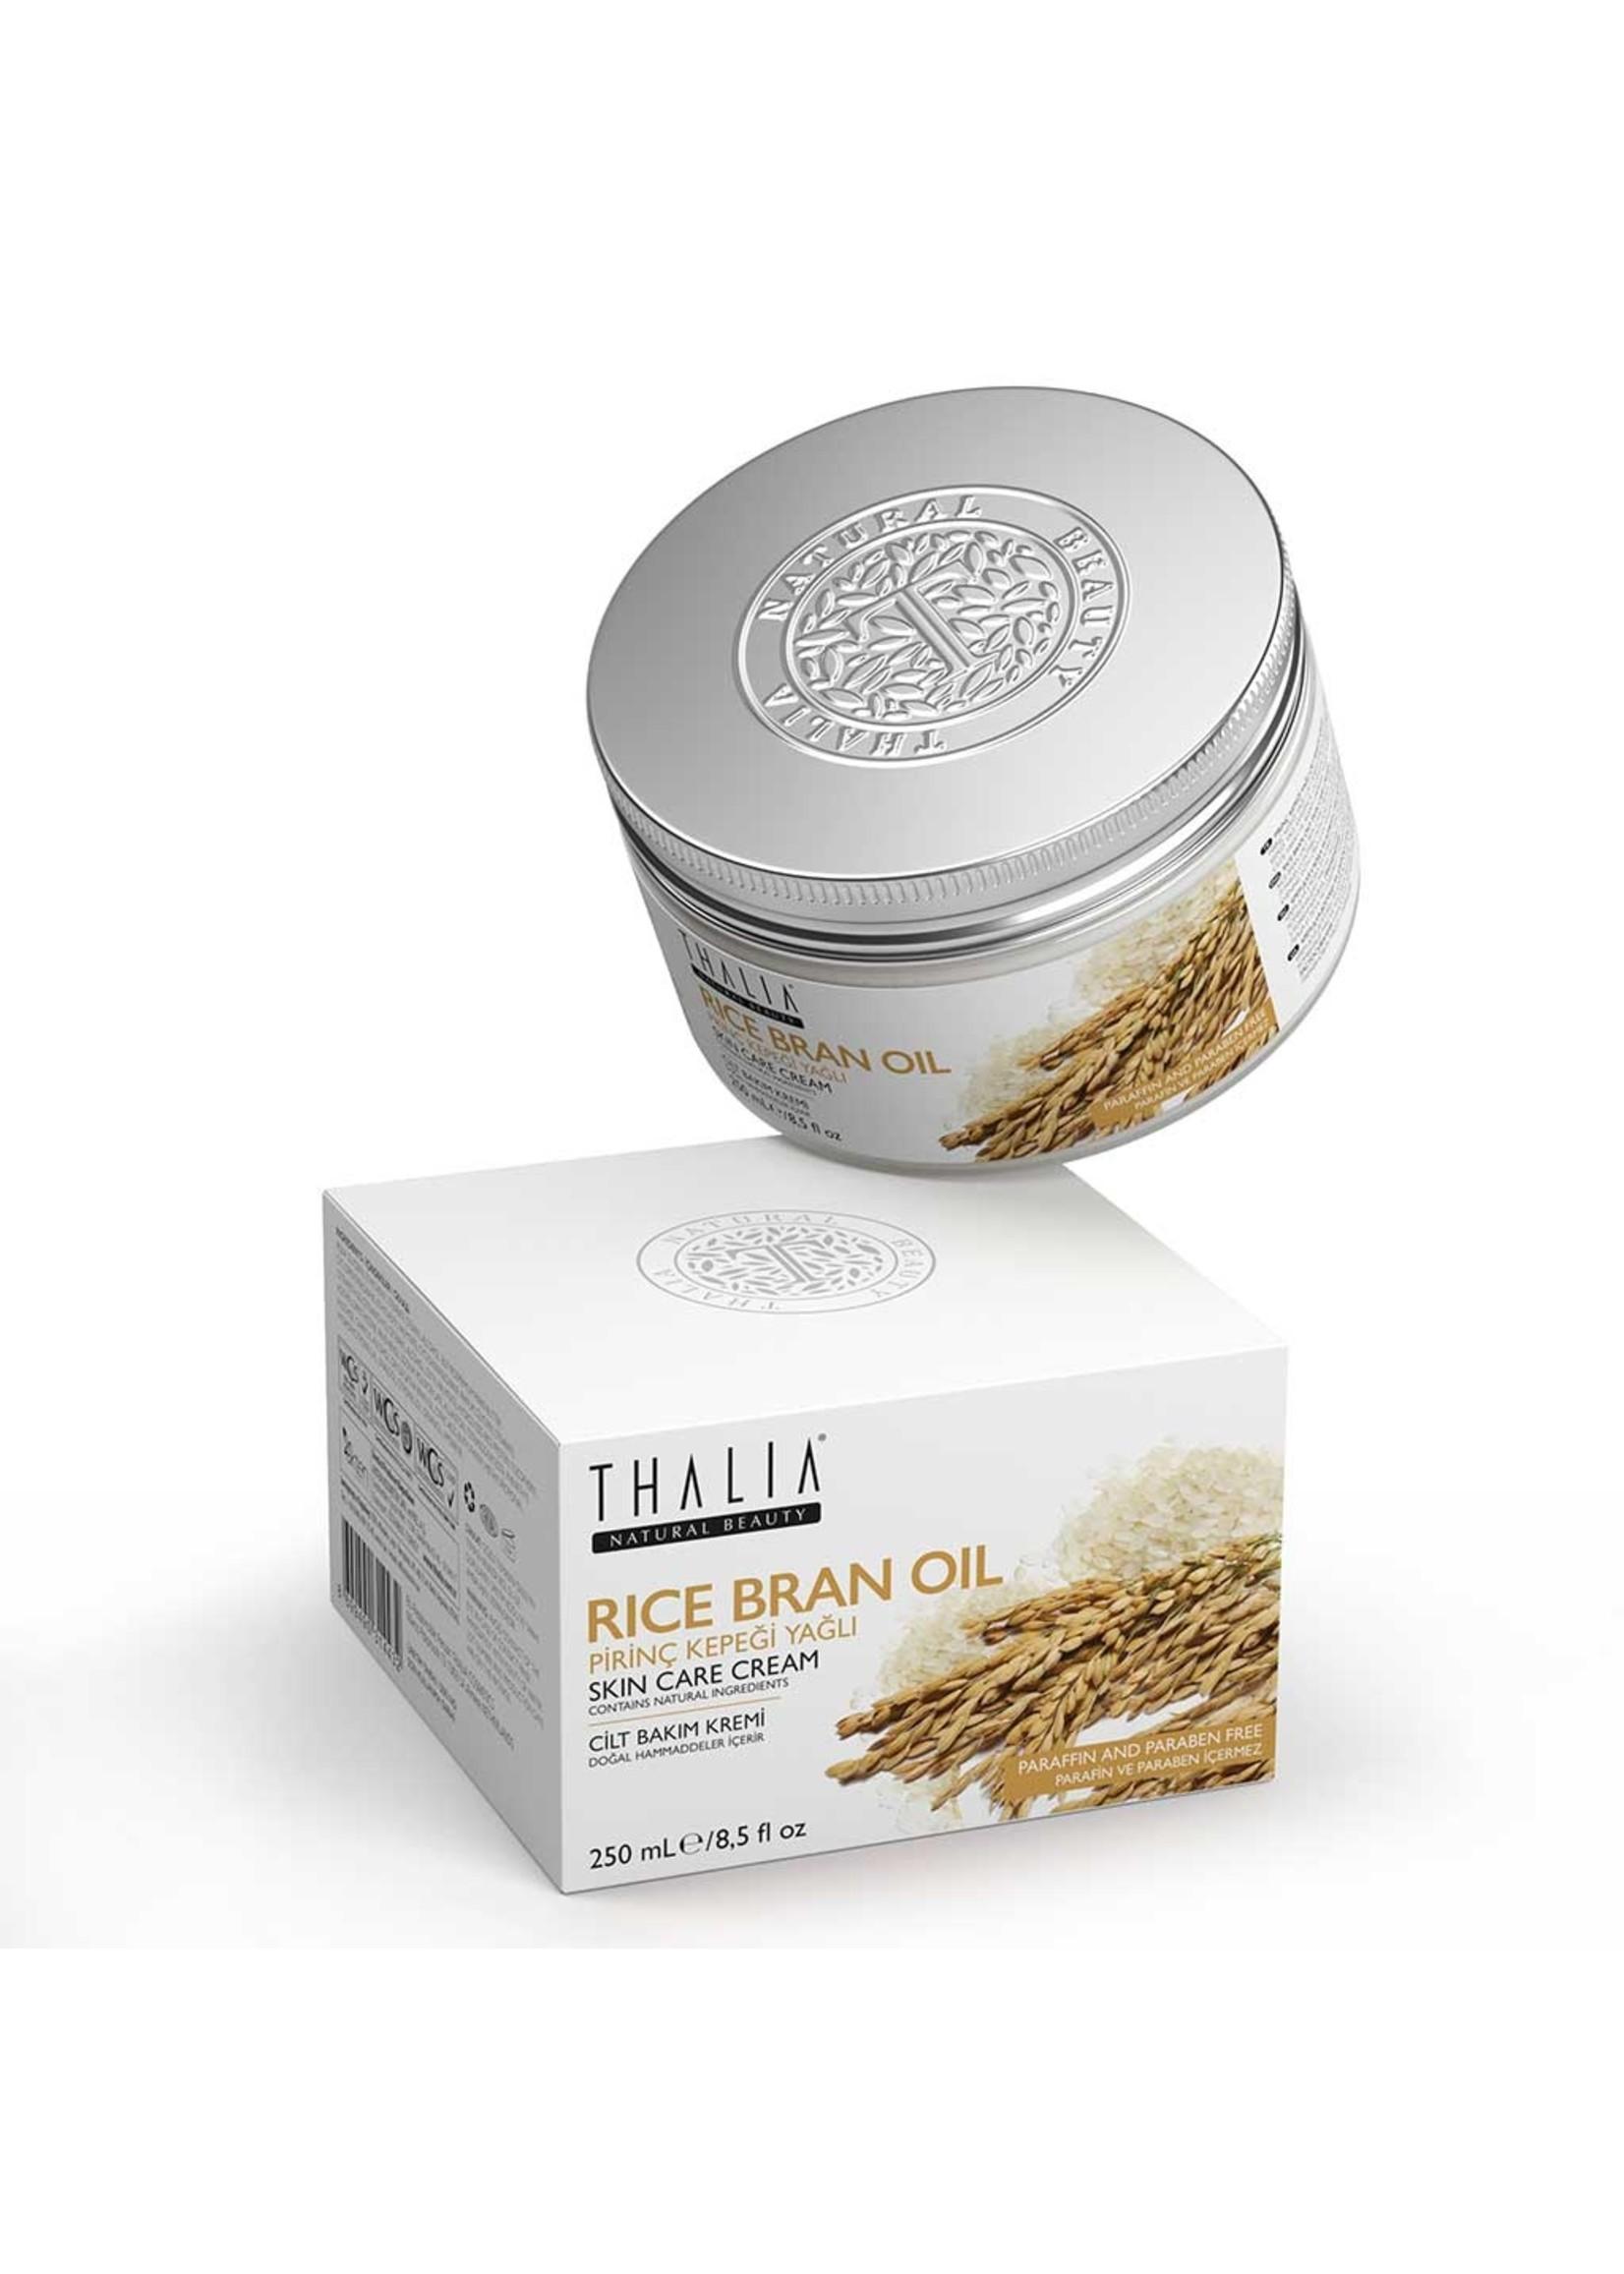 Thalia Rijstzemelen Skin Care Cream - 250 ml